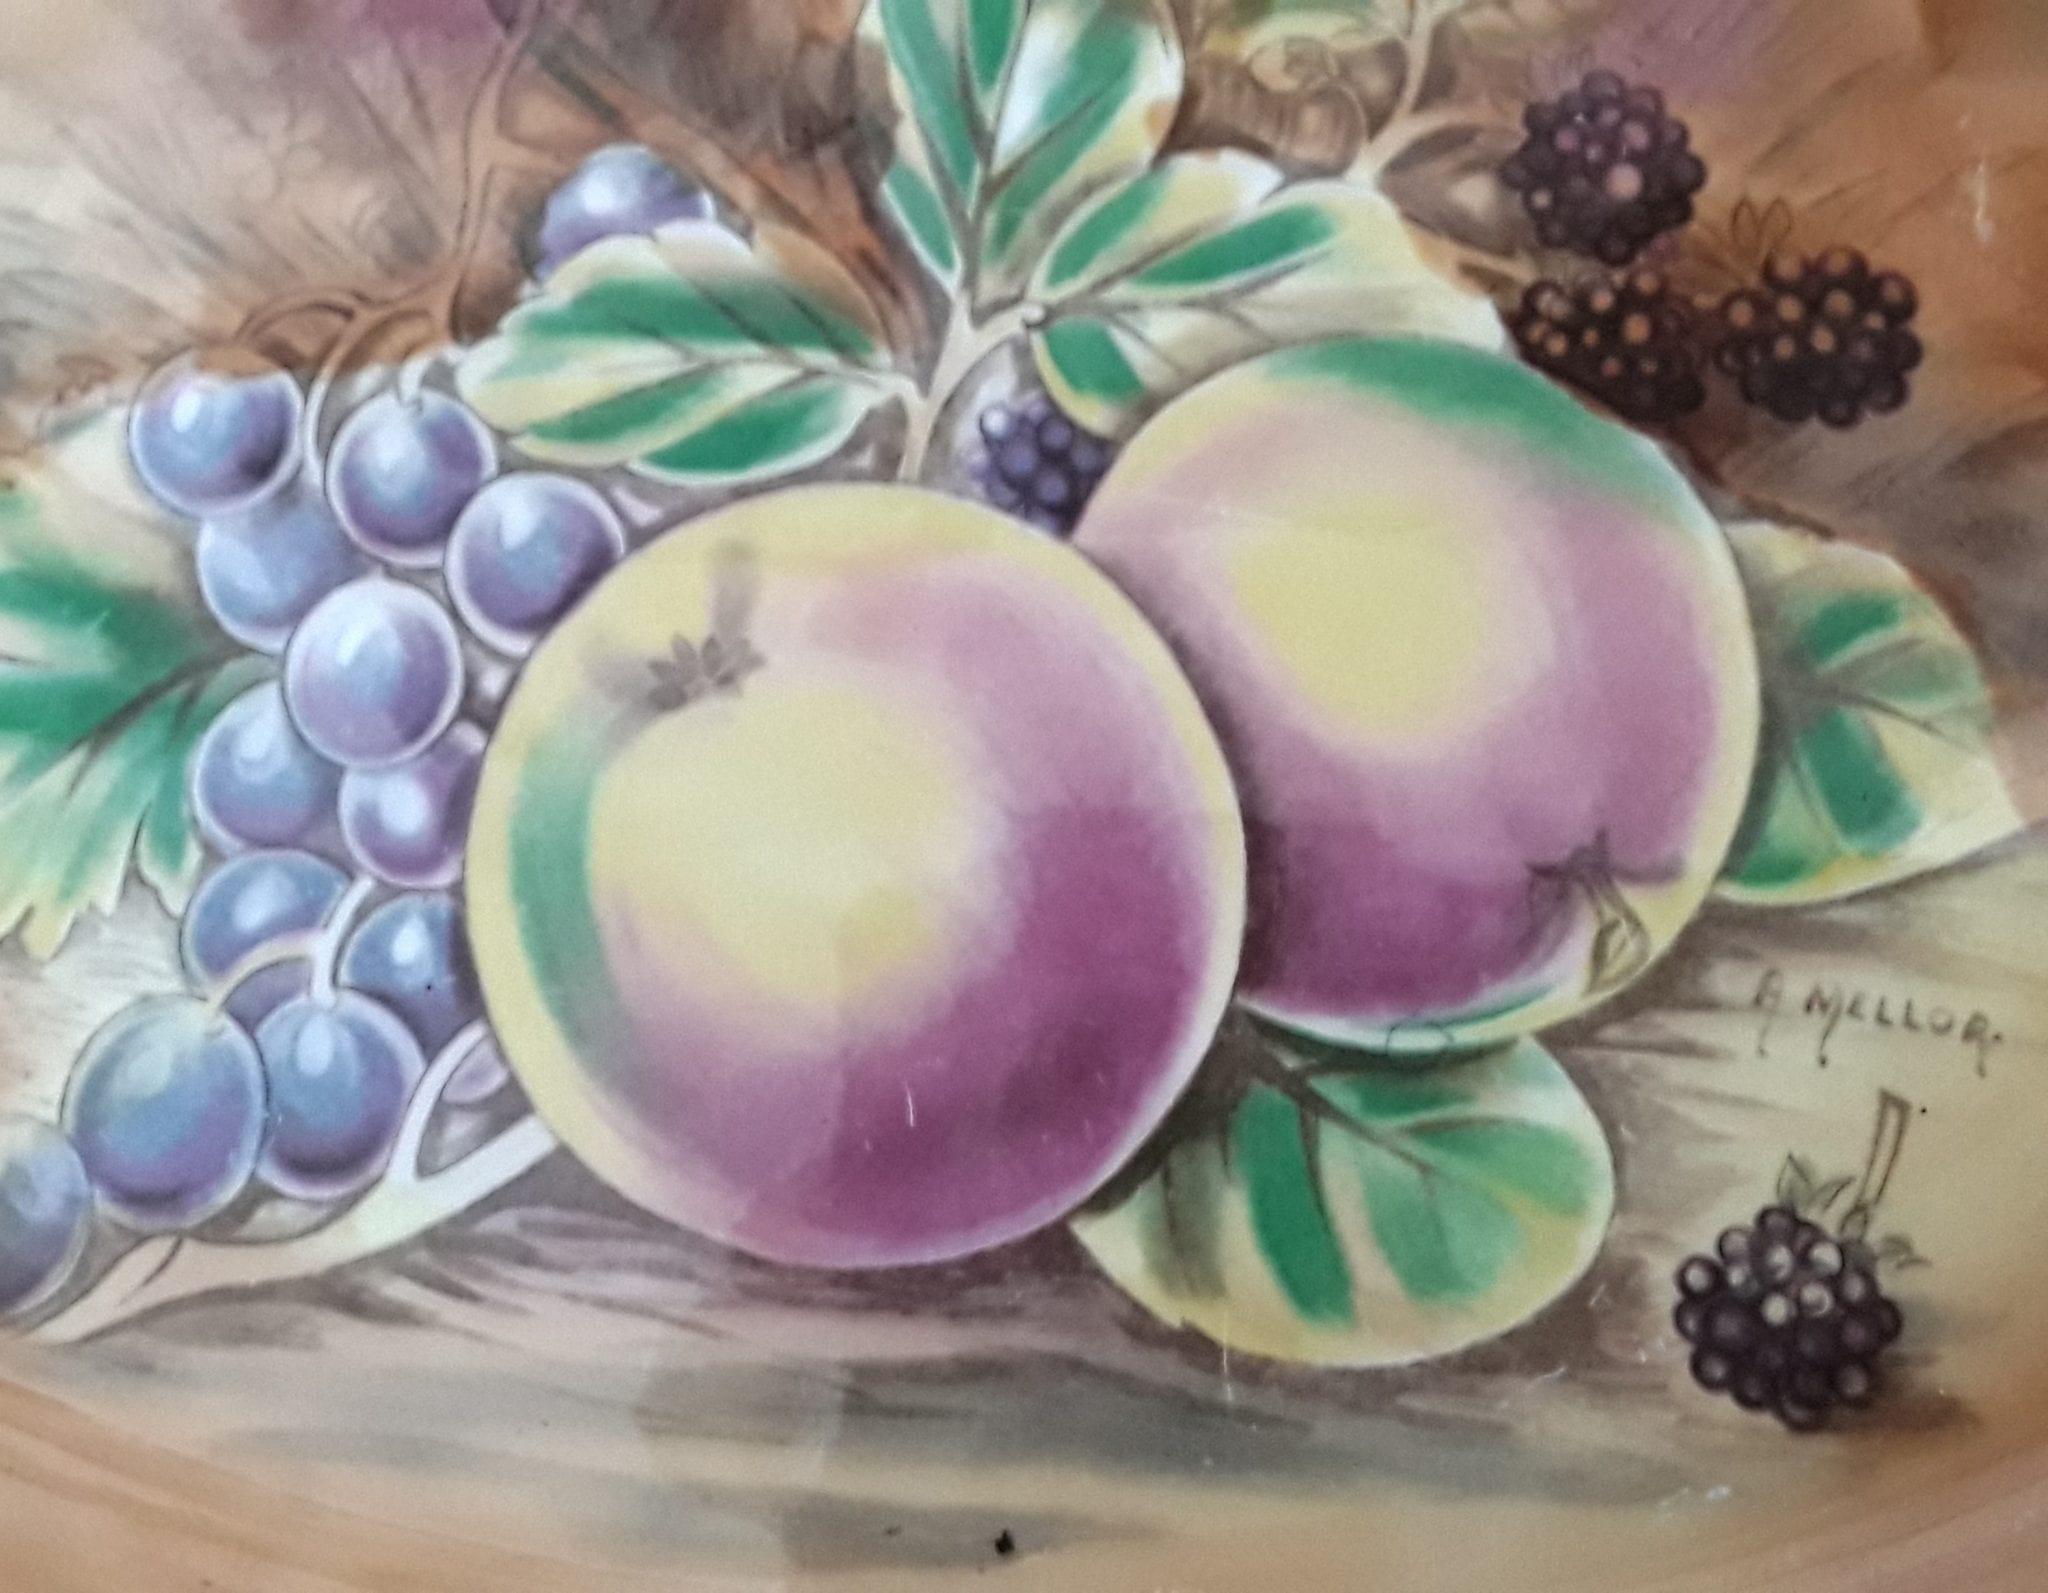 Ceramic platter with autumn fruit